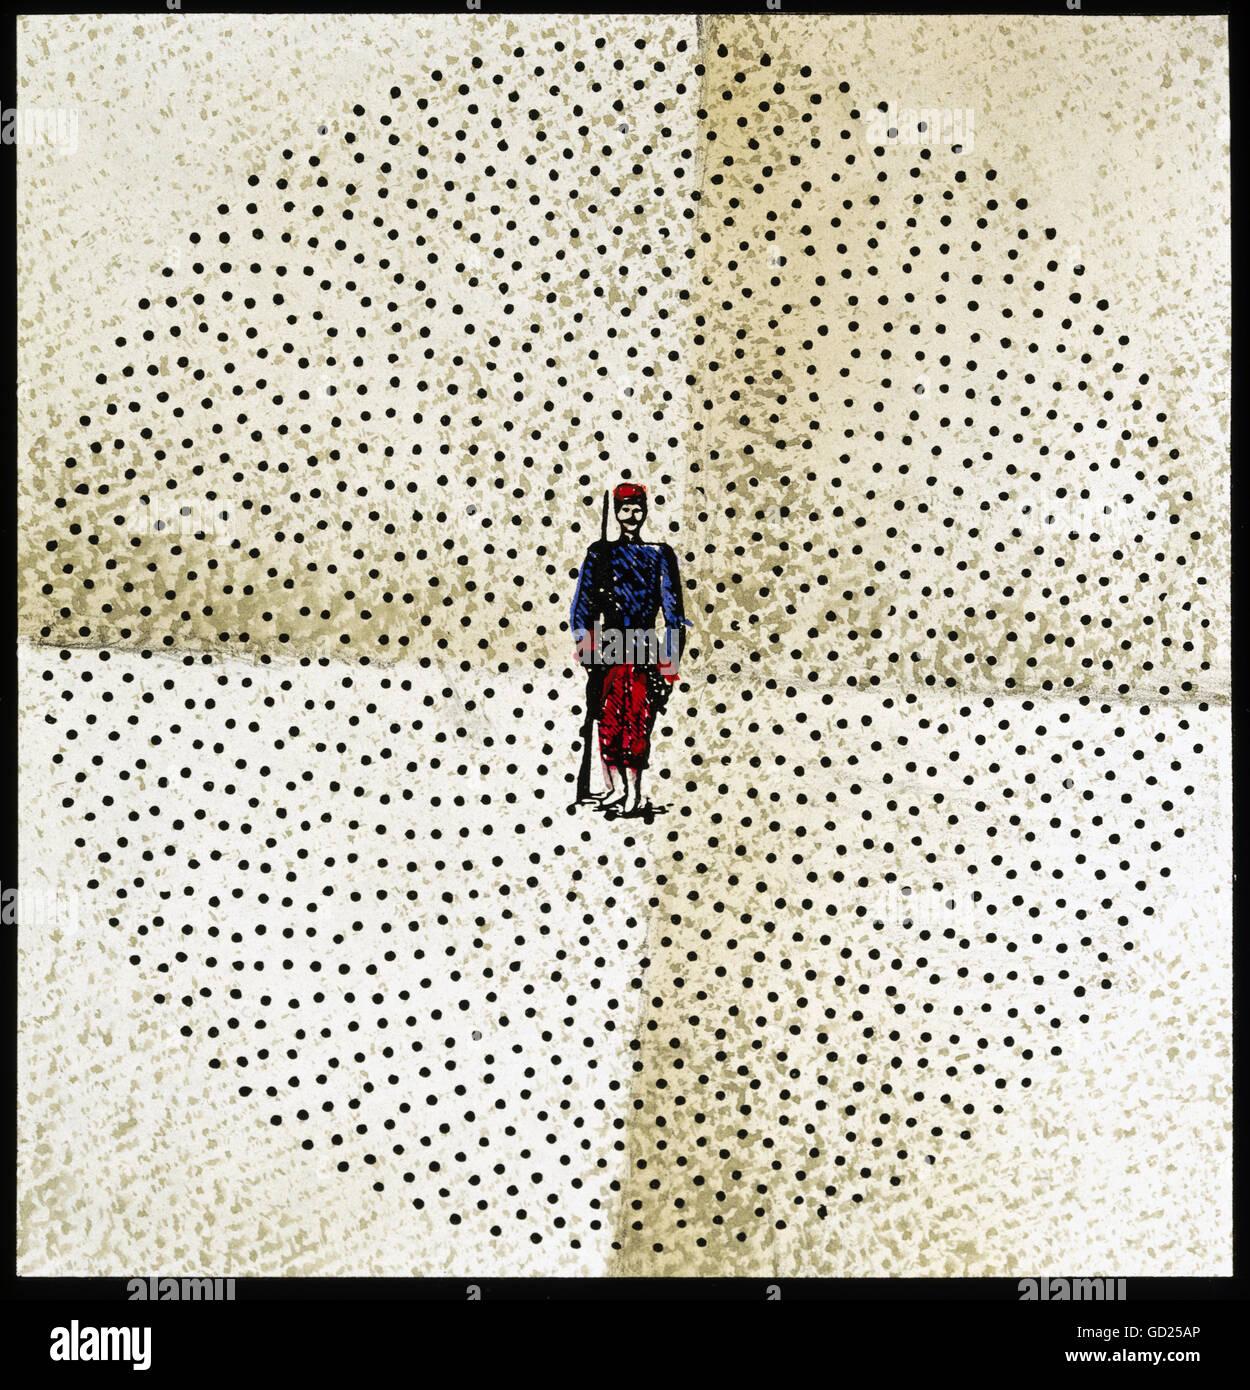 Ereignisse, Deutsch-Französischer Krieg 1870 - 1871, 'So viele Gewehrkugeln wurden benötigt, um einen Soldaten zu töten', später Holzstich, Privatsammlung, , Zusatzrechte-Freizeichen-nicht vorhanden Stockfoto